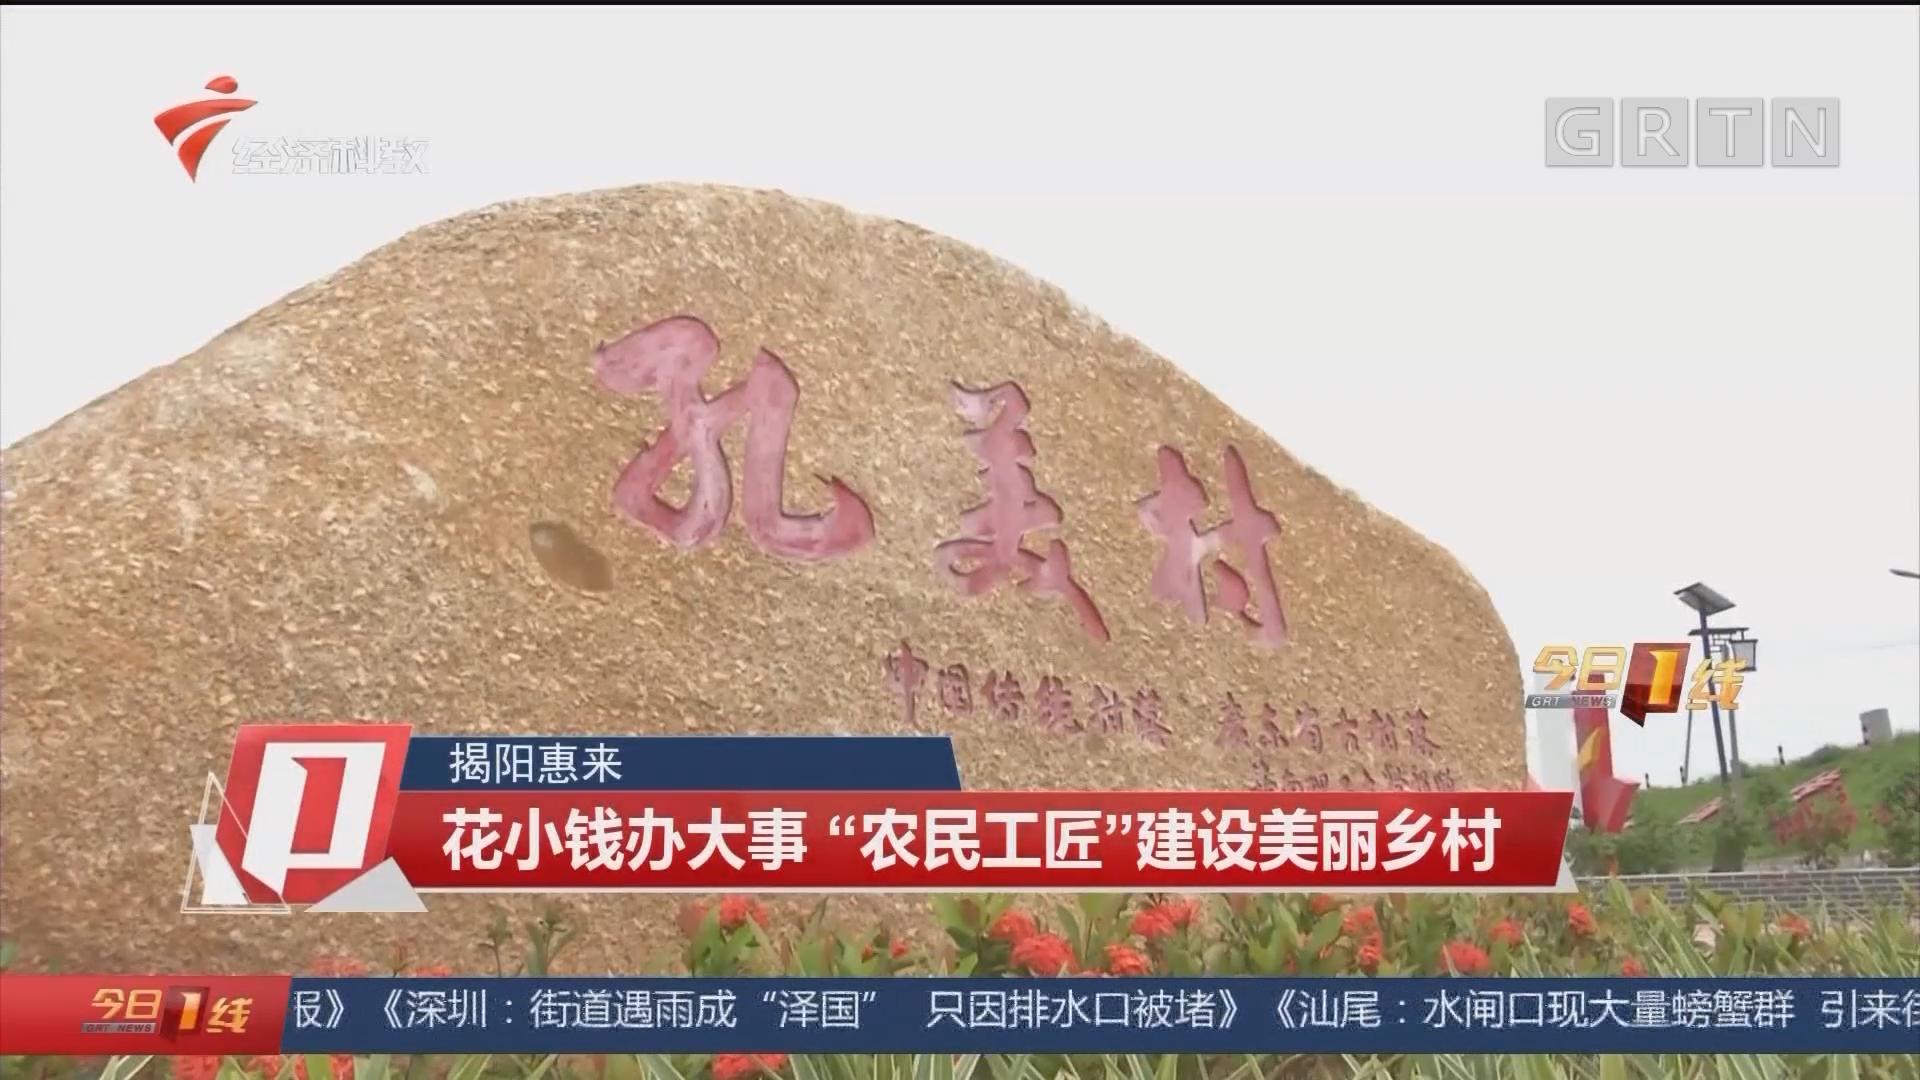 """揭陽惠來:花小錢辦大事 """"農民工匠""""建設美麗鄉村"""